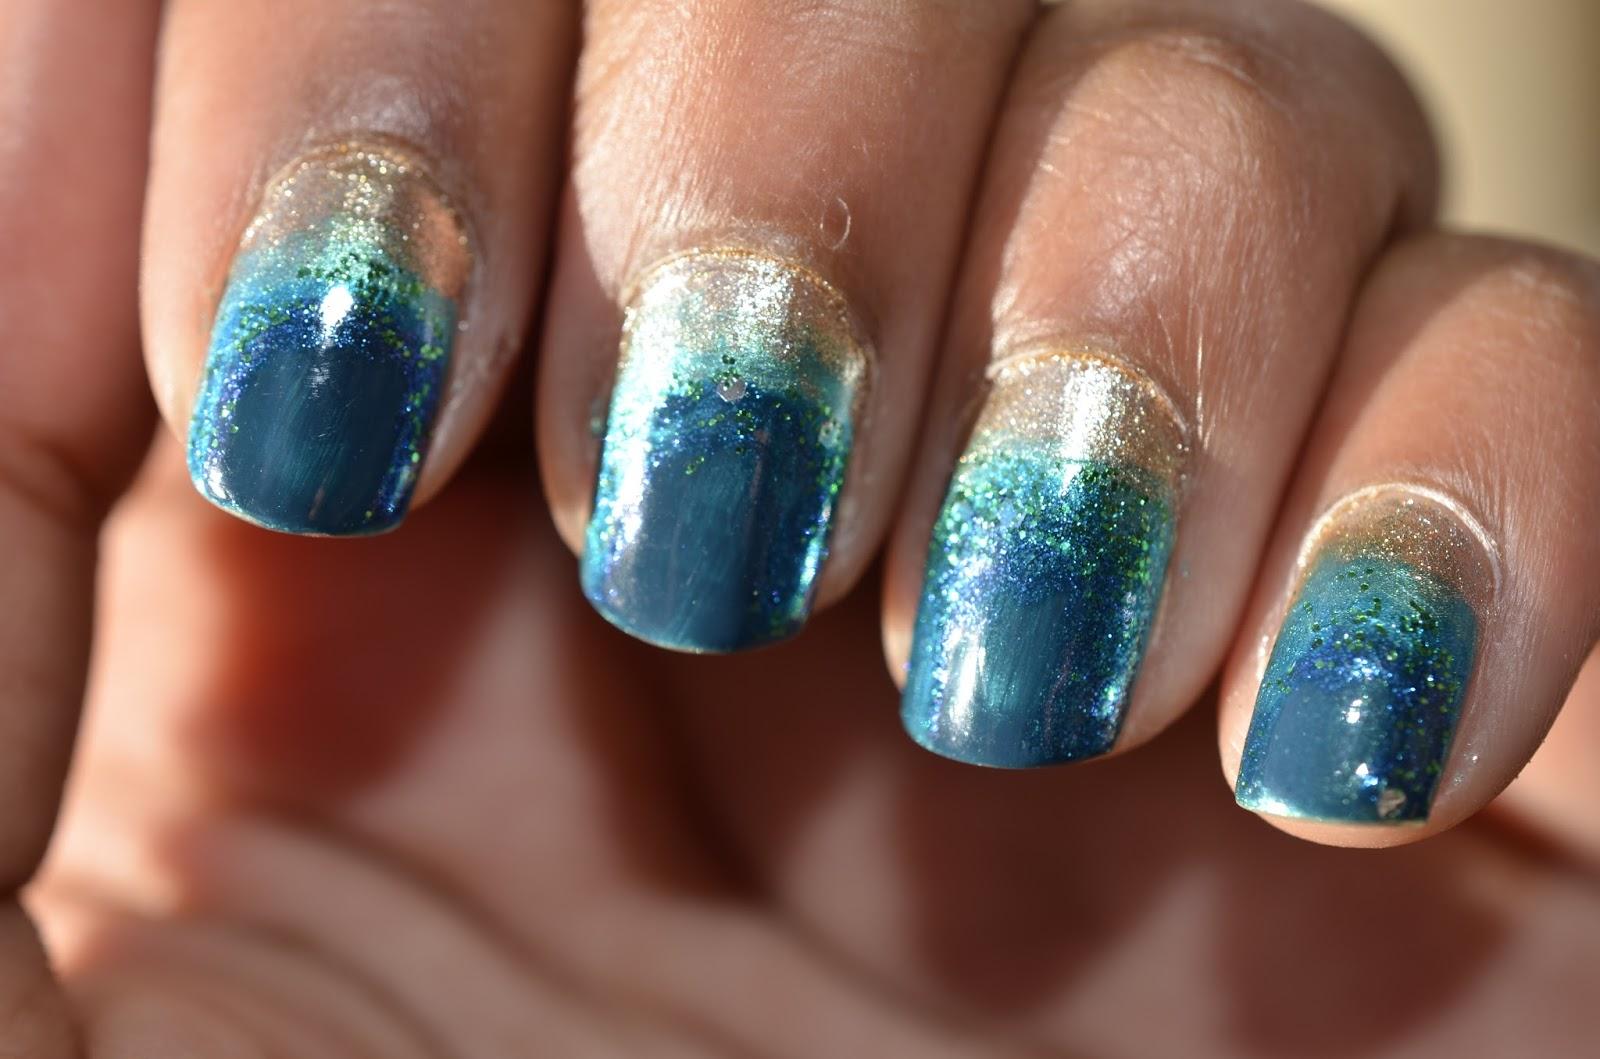 Gaborillaa: Manicure Monday: Ocean Nails